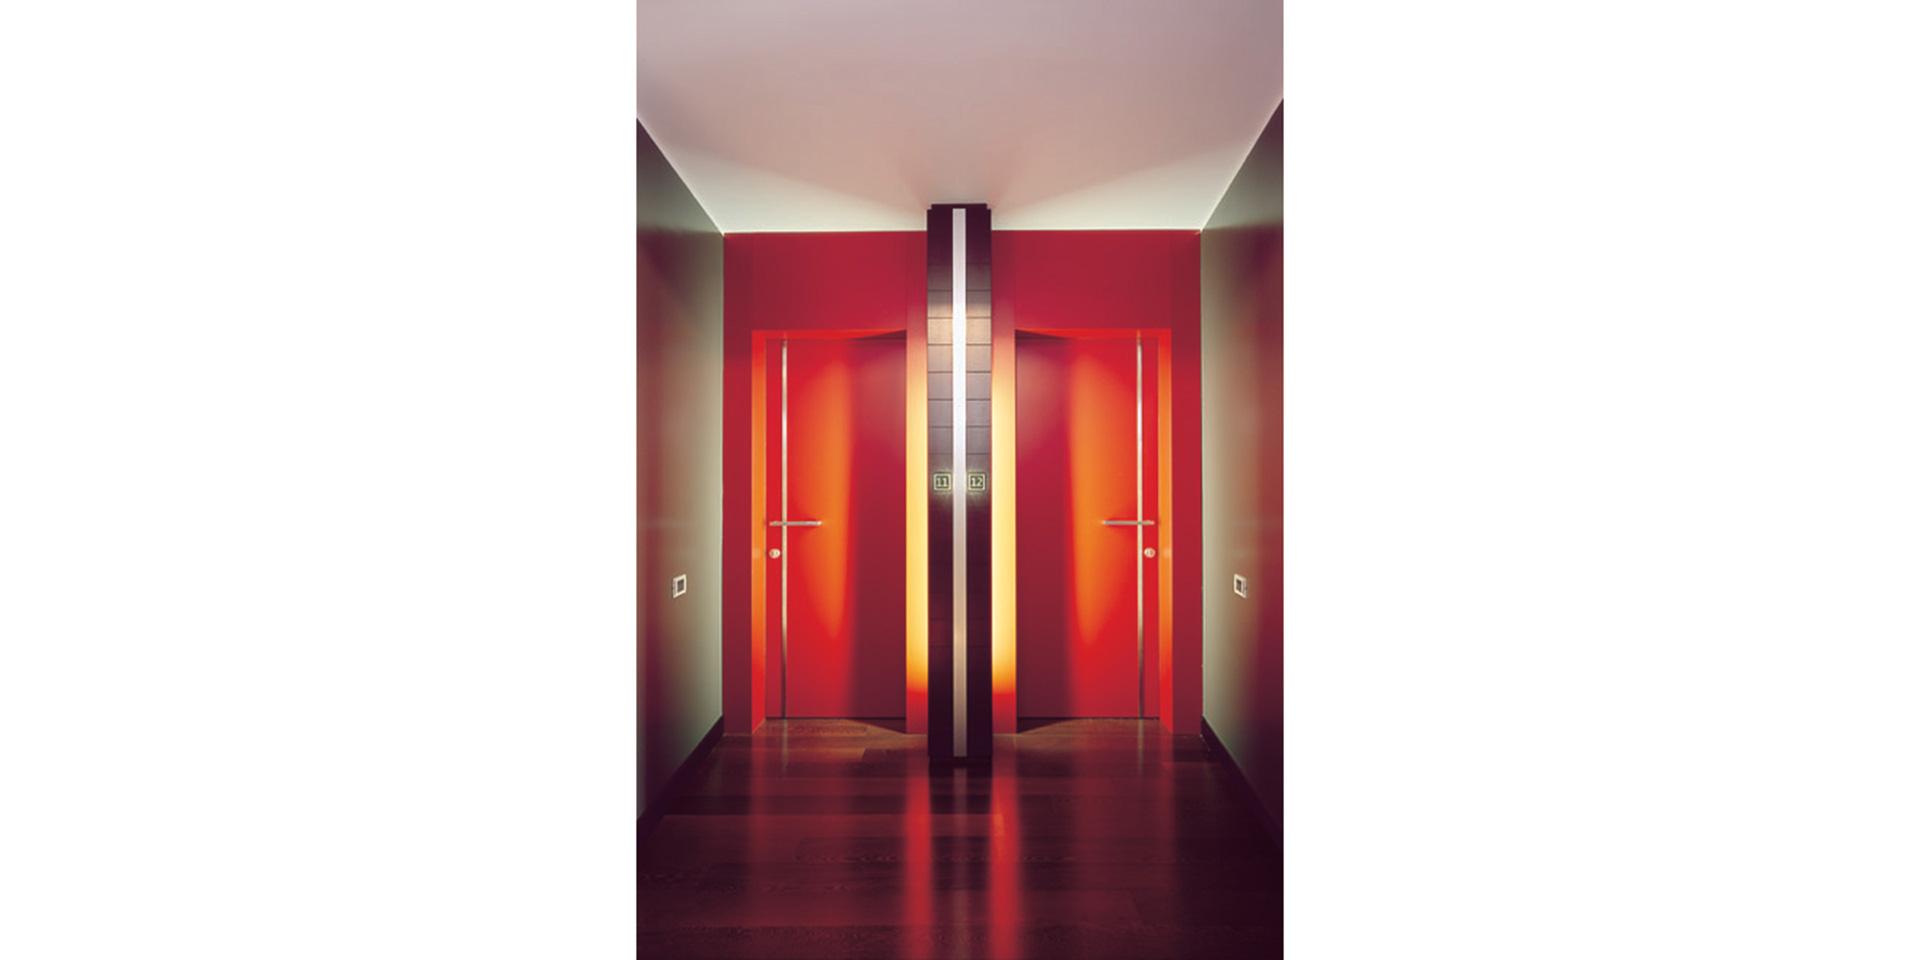 archinow_IXO_hotel-ixo_05